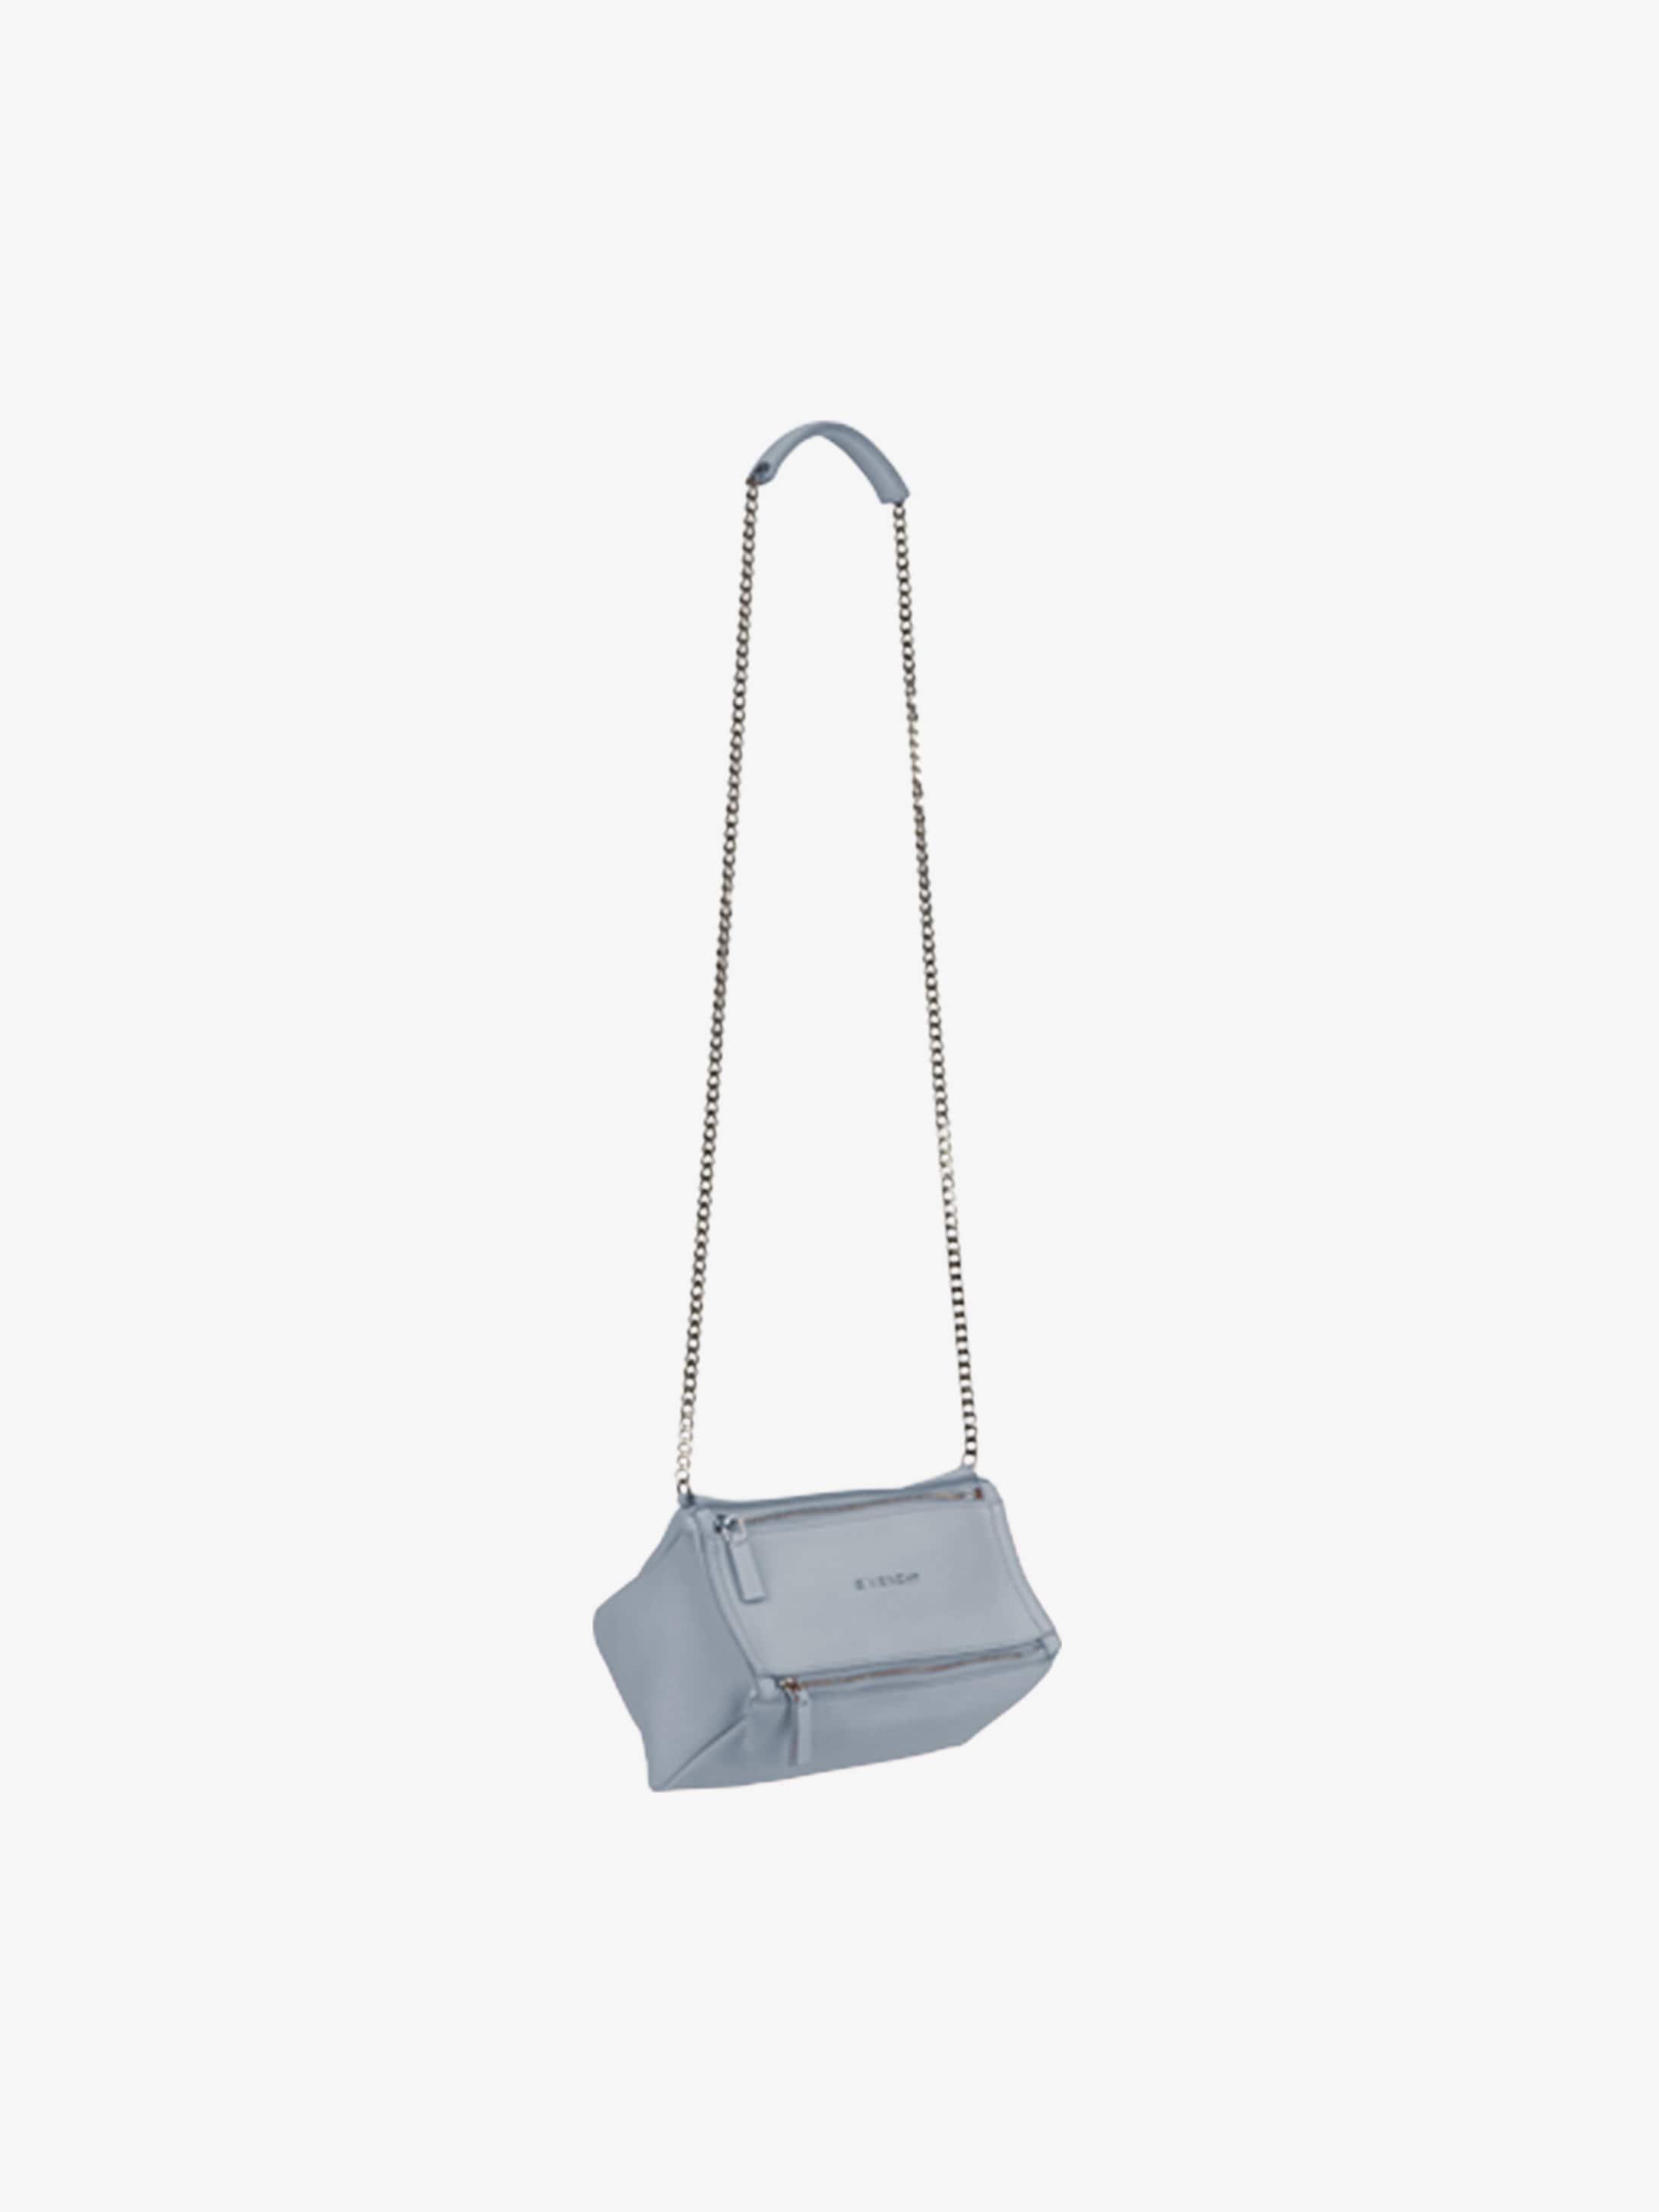 小号Pandora金属链手袋